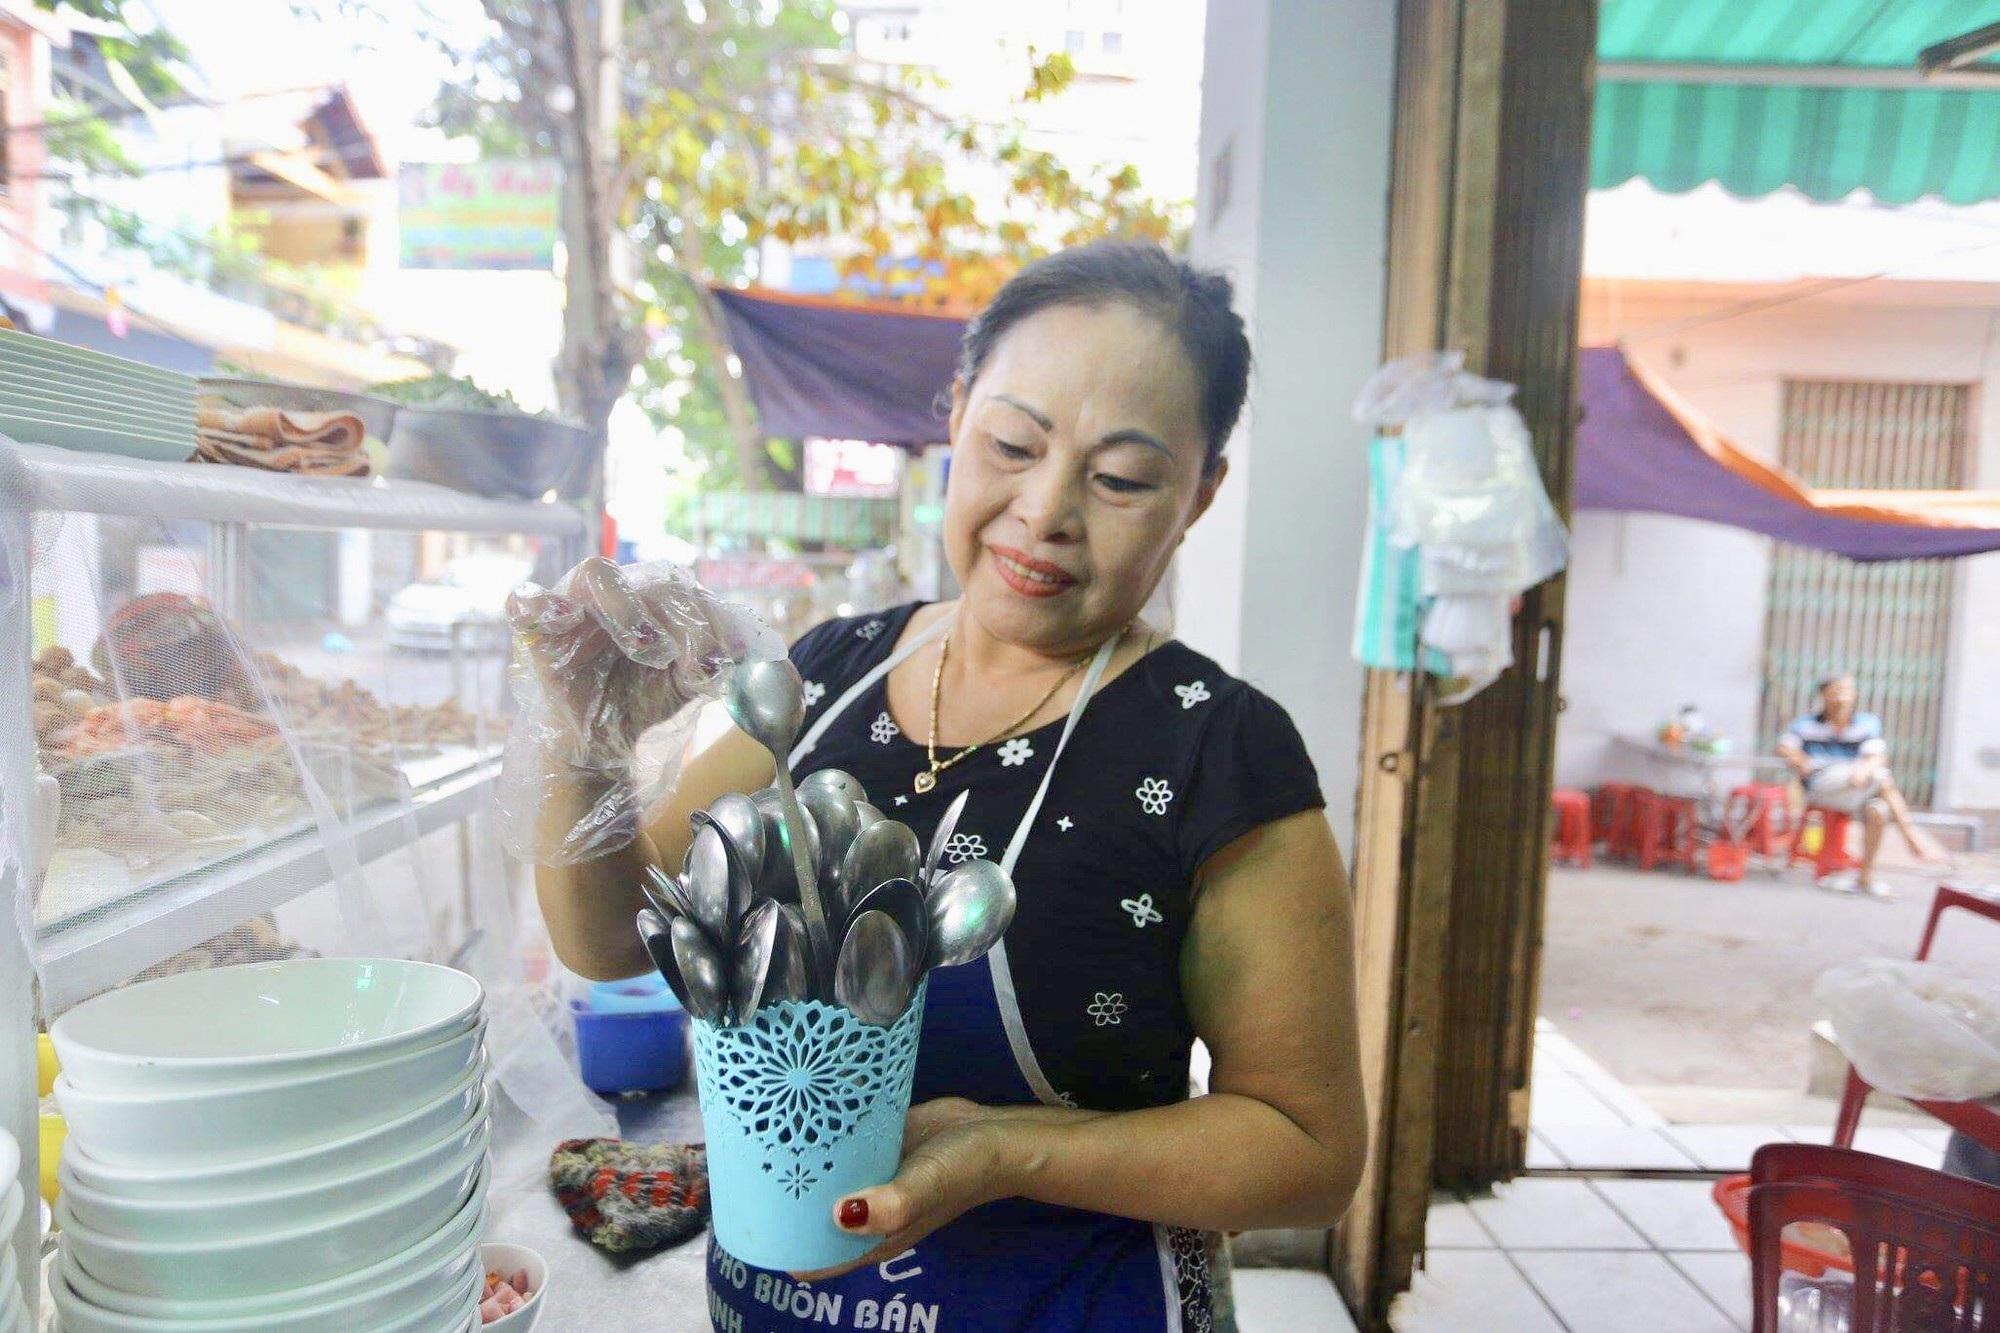 Đà Nẵng ngăn chặn ngộ độc thực phẩm với muỗng không rãnh - Ảnh 4.